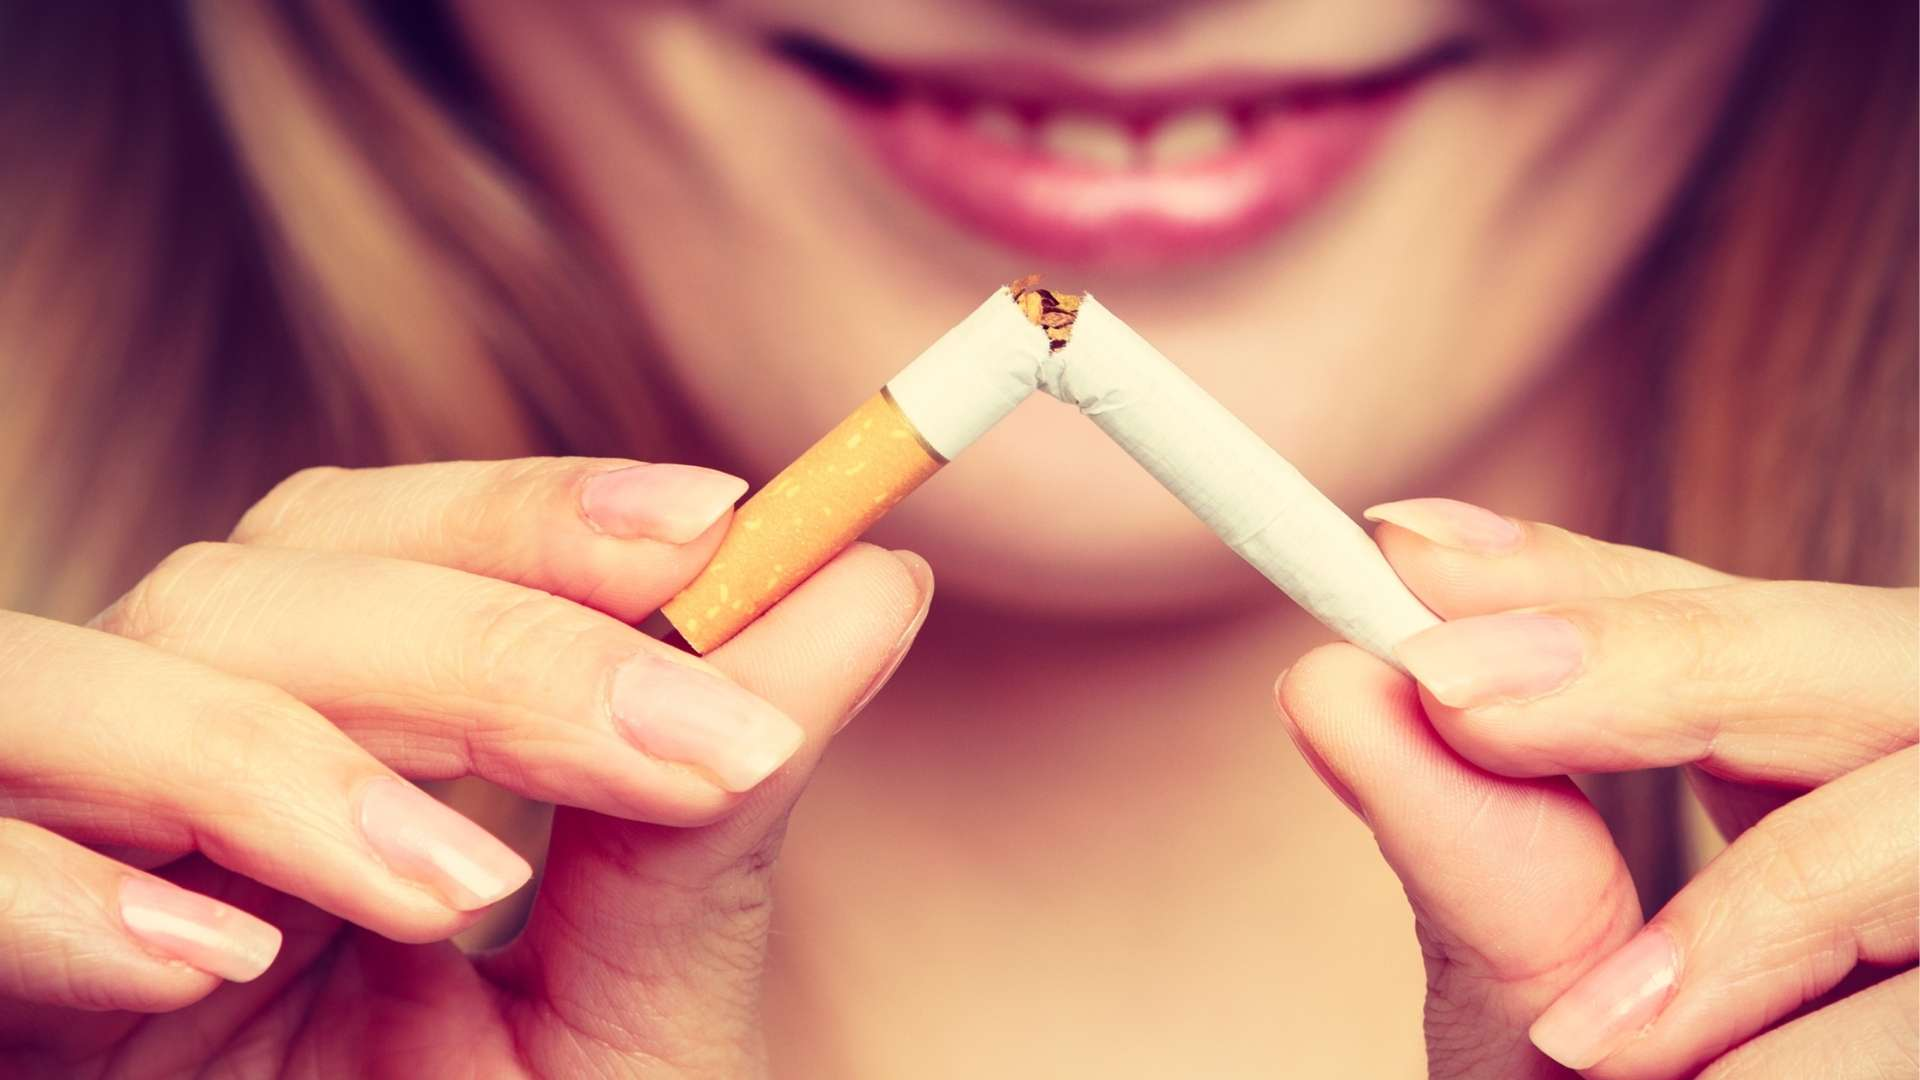 Woman_Breaking_Cigarette_2_1920x1080.jpg